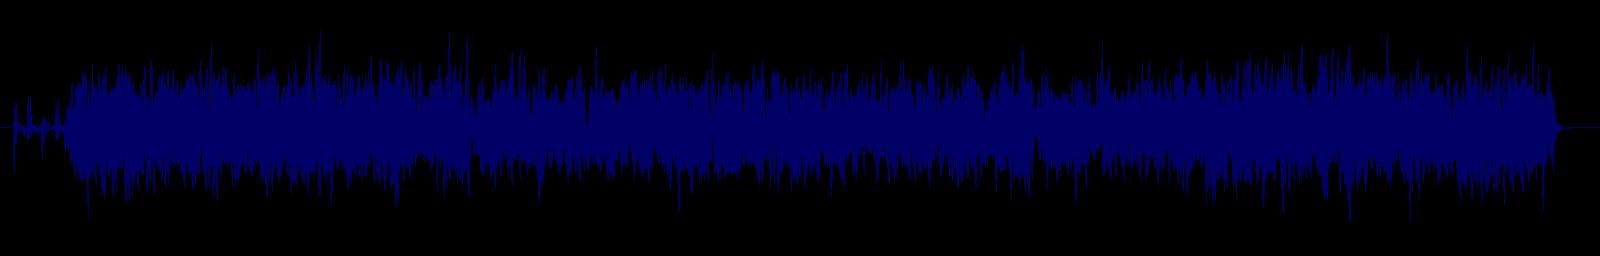 waveform of track #146031